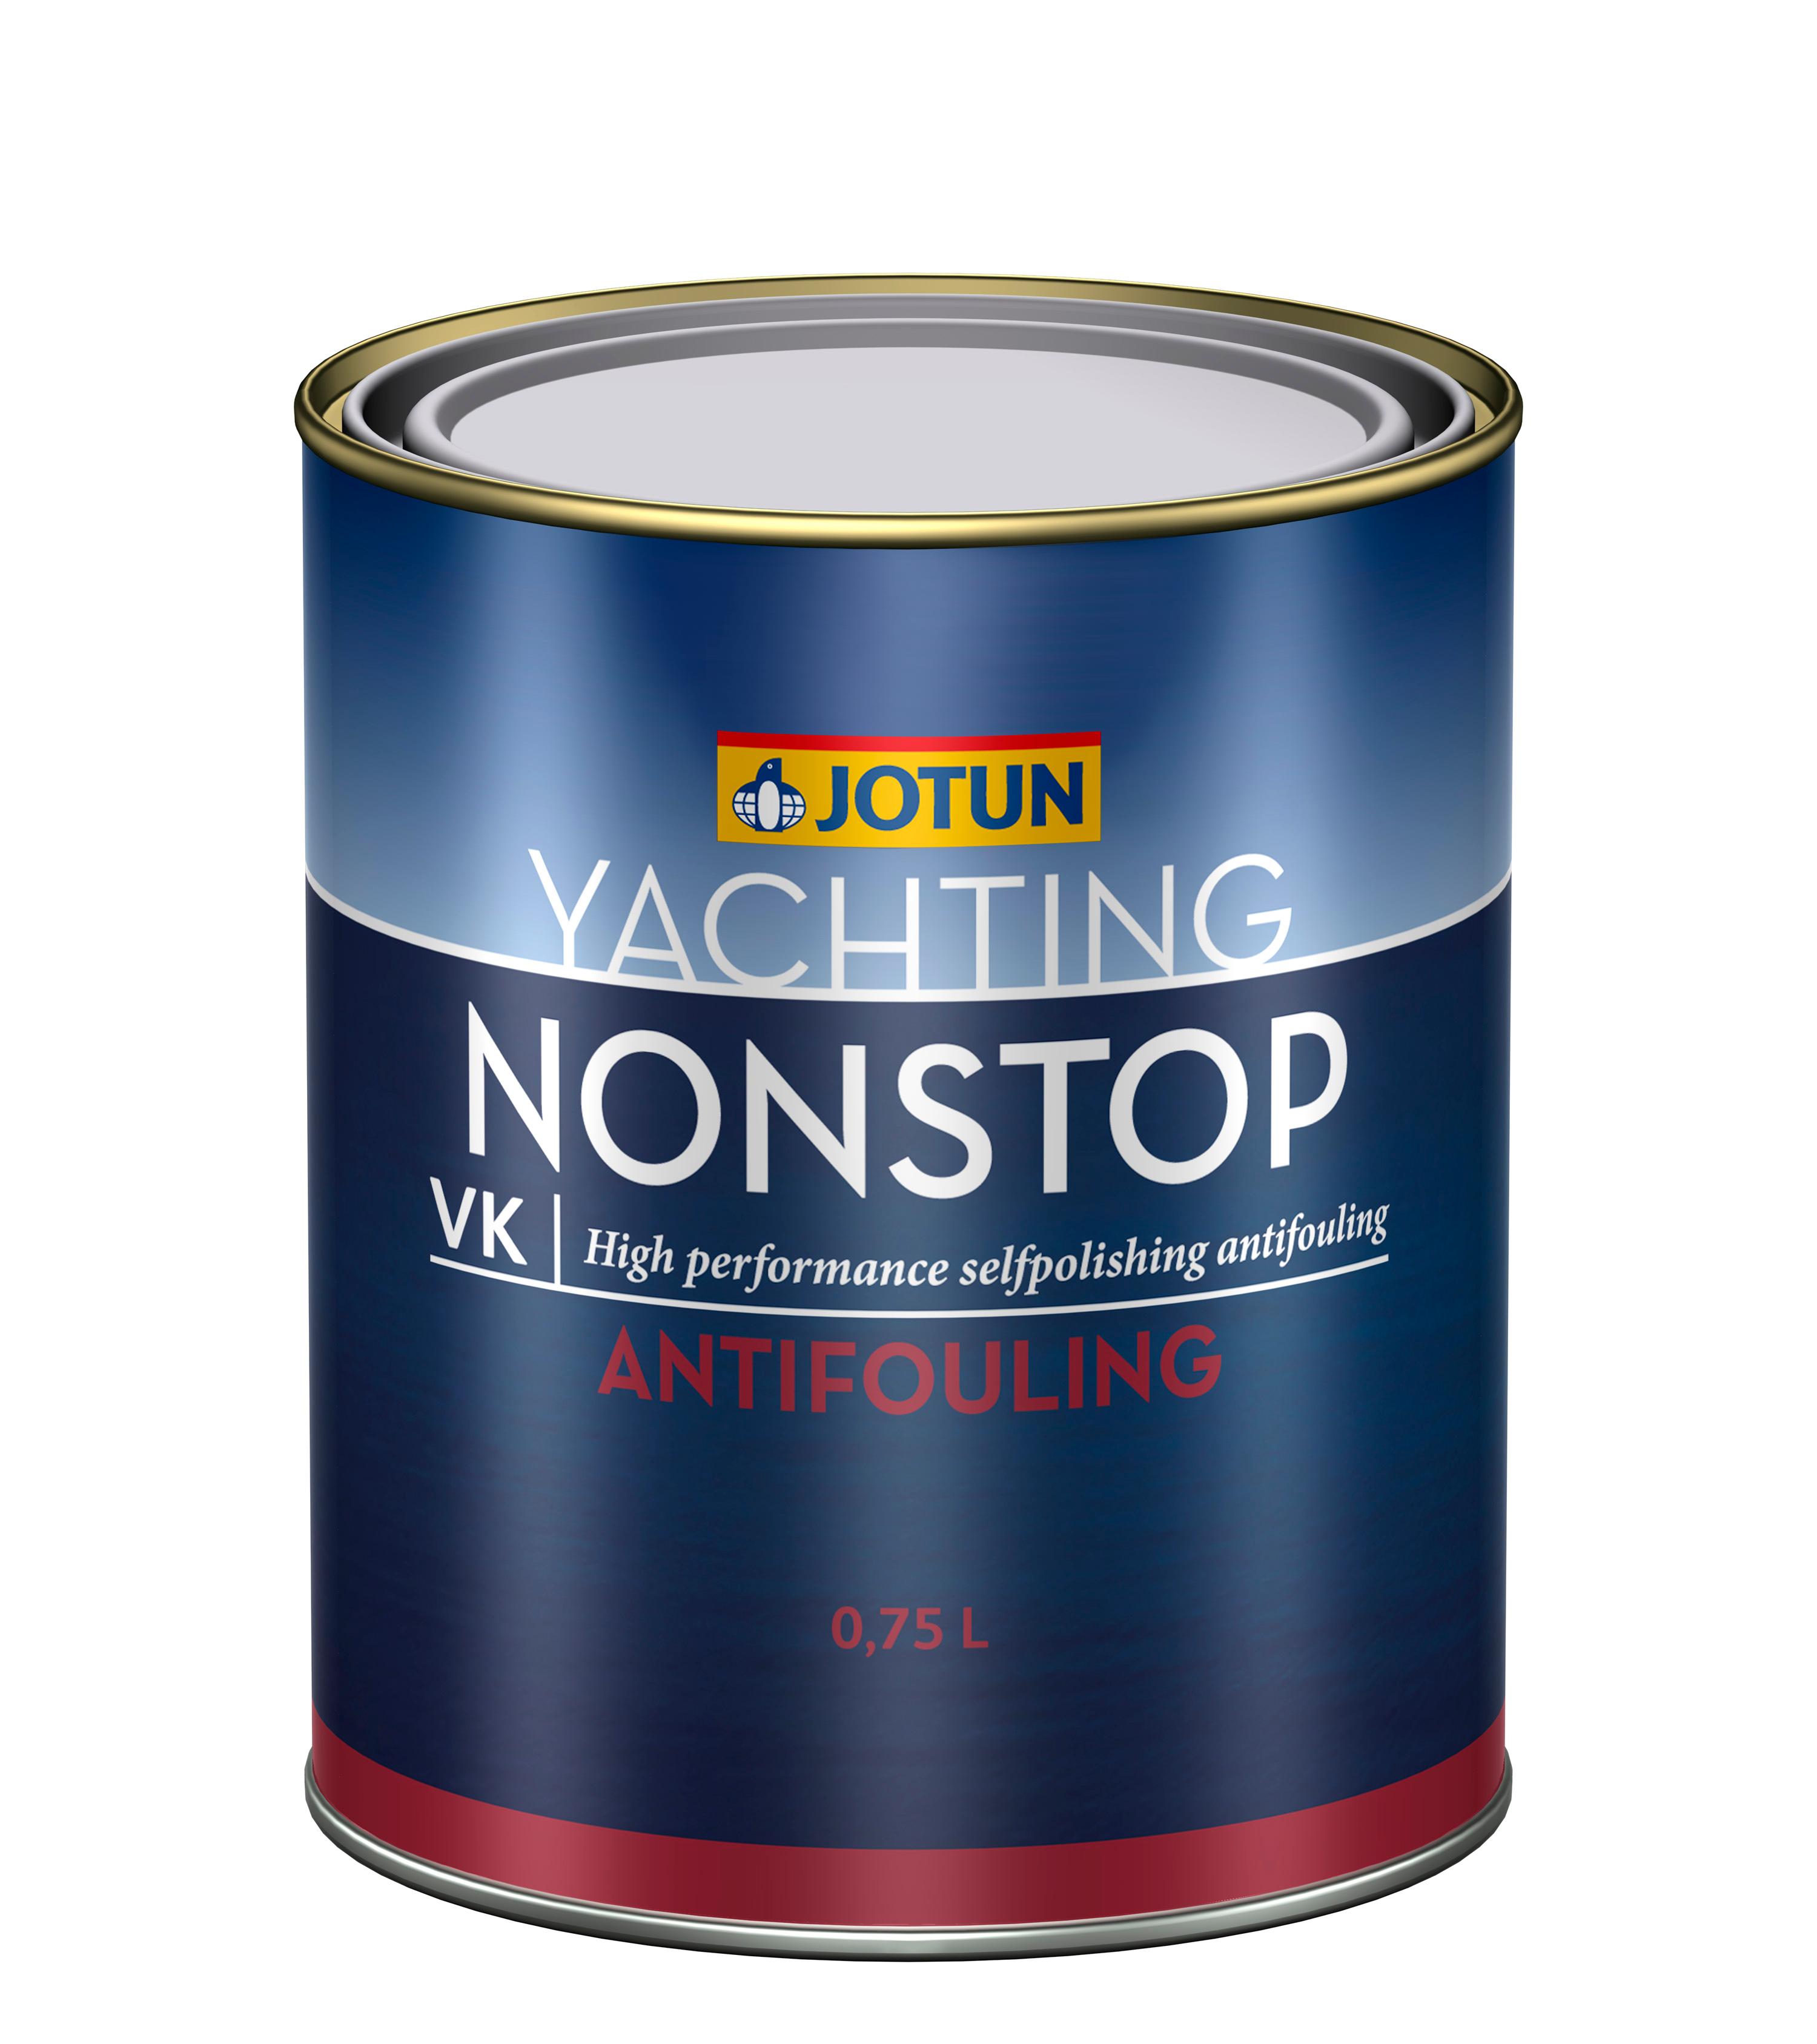 NonStop VK